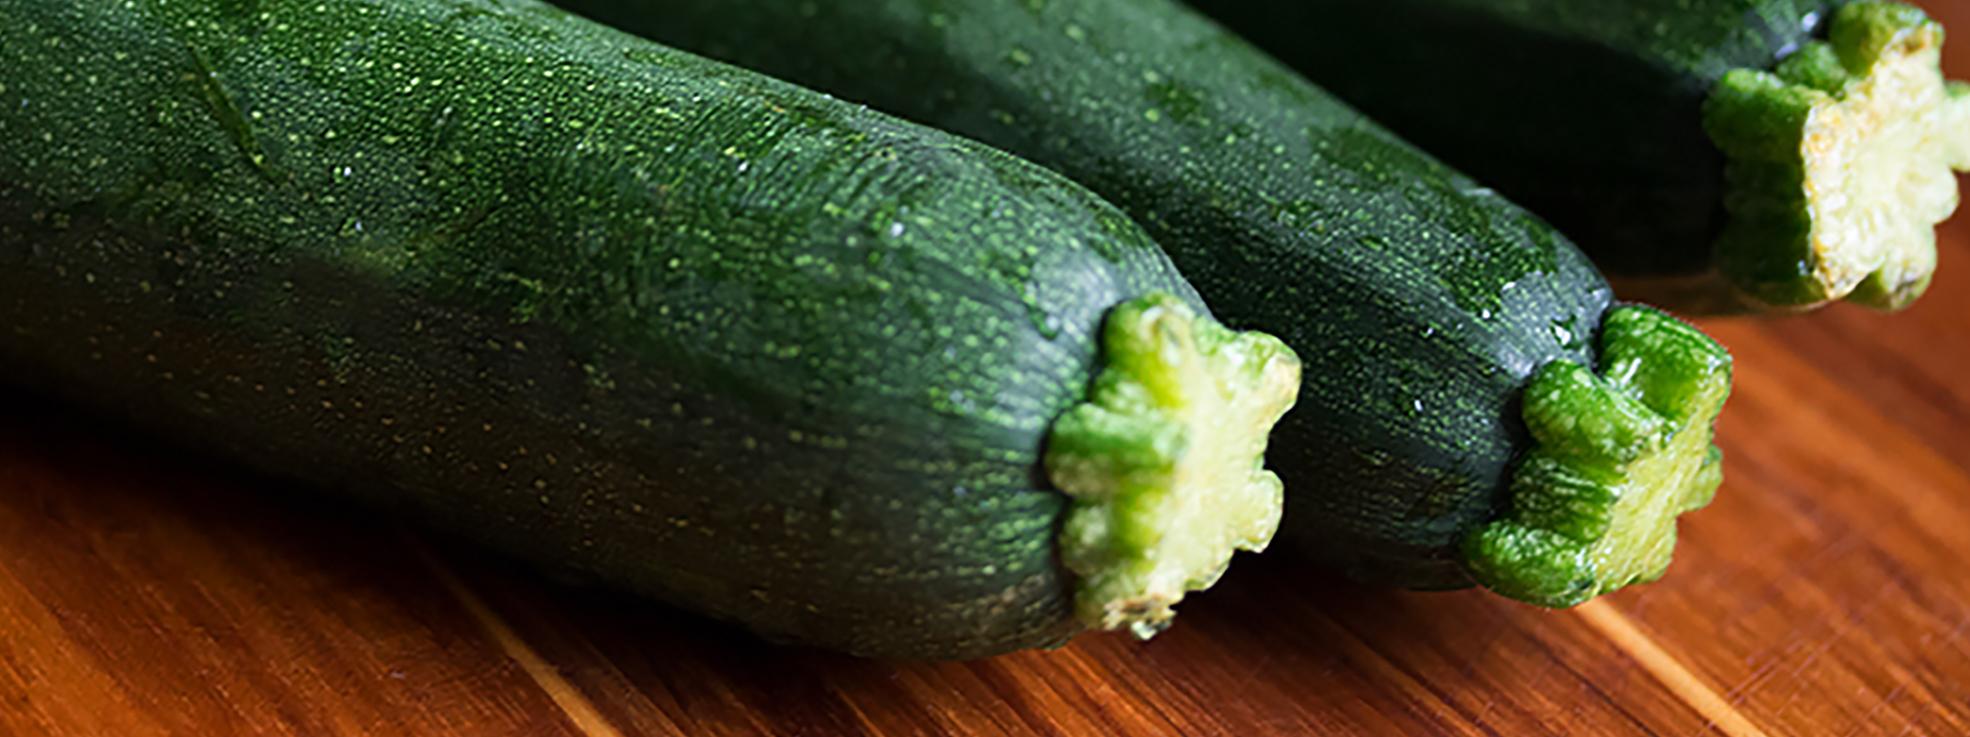 How To Cut A Zucchini